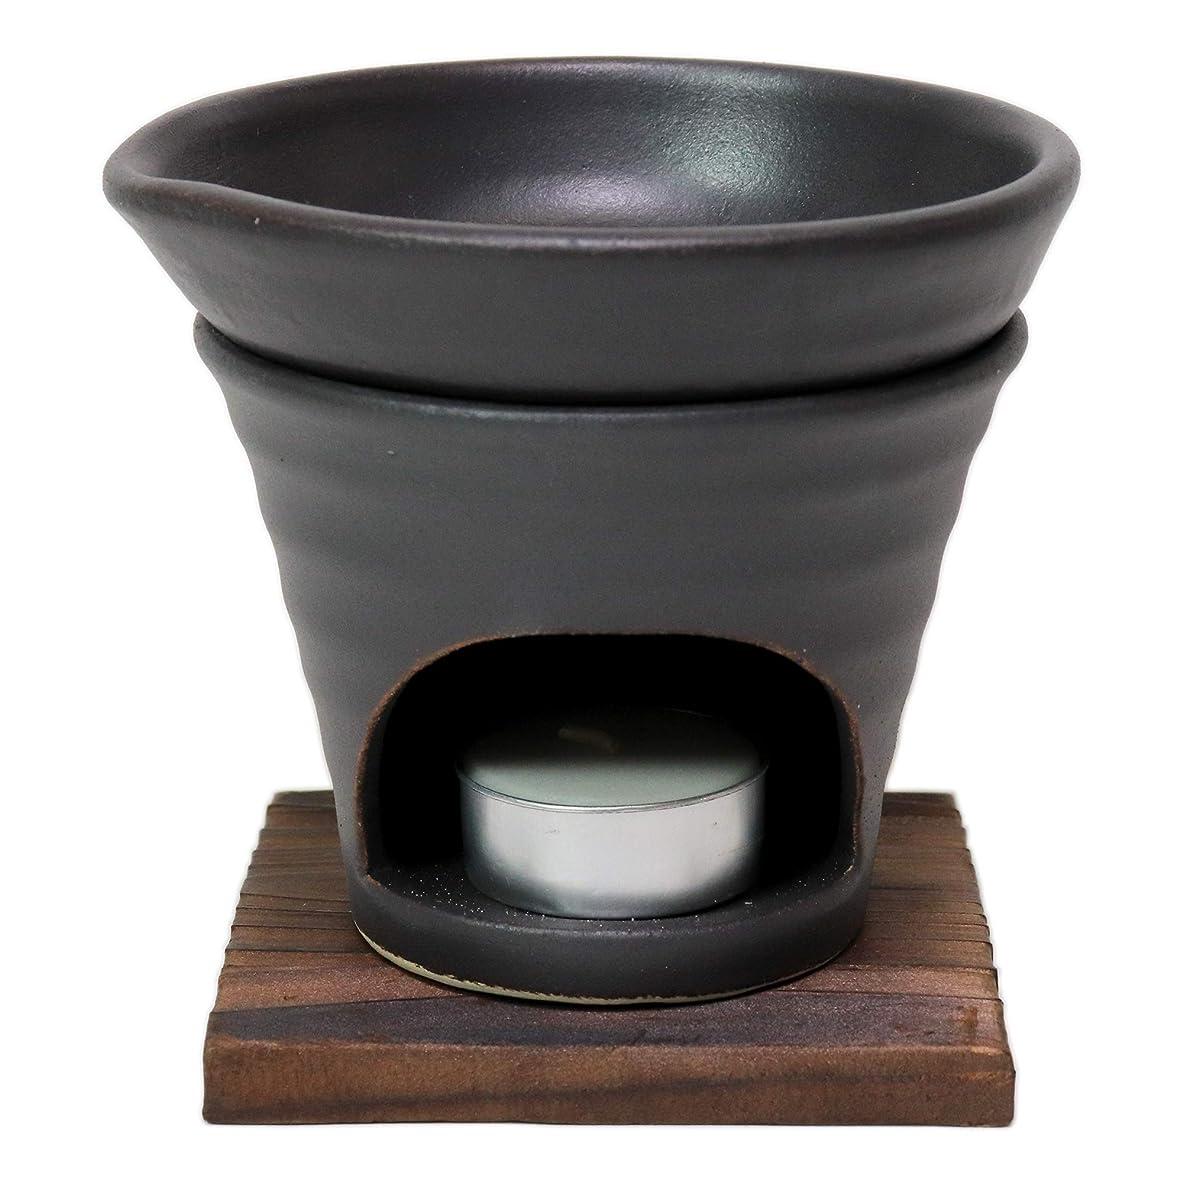 付属品理想的には痛い香炉 黒釉 茶香炉(青) [R11.8xH11.5cm] HANDMADE プレゼント ギフト 和食器 かわいい インテリア